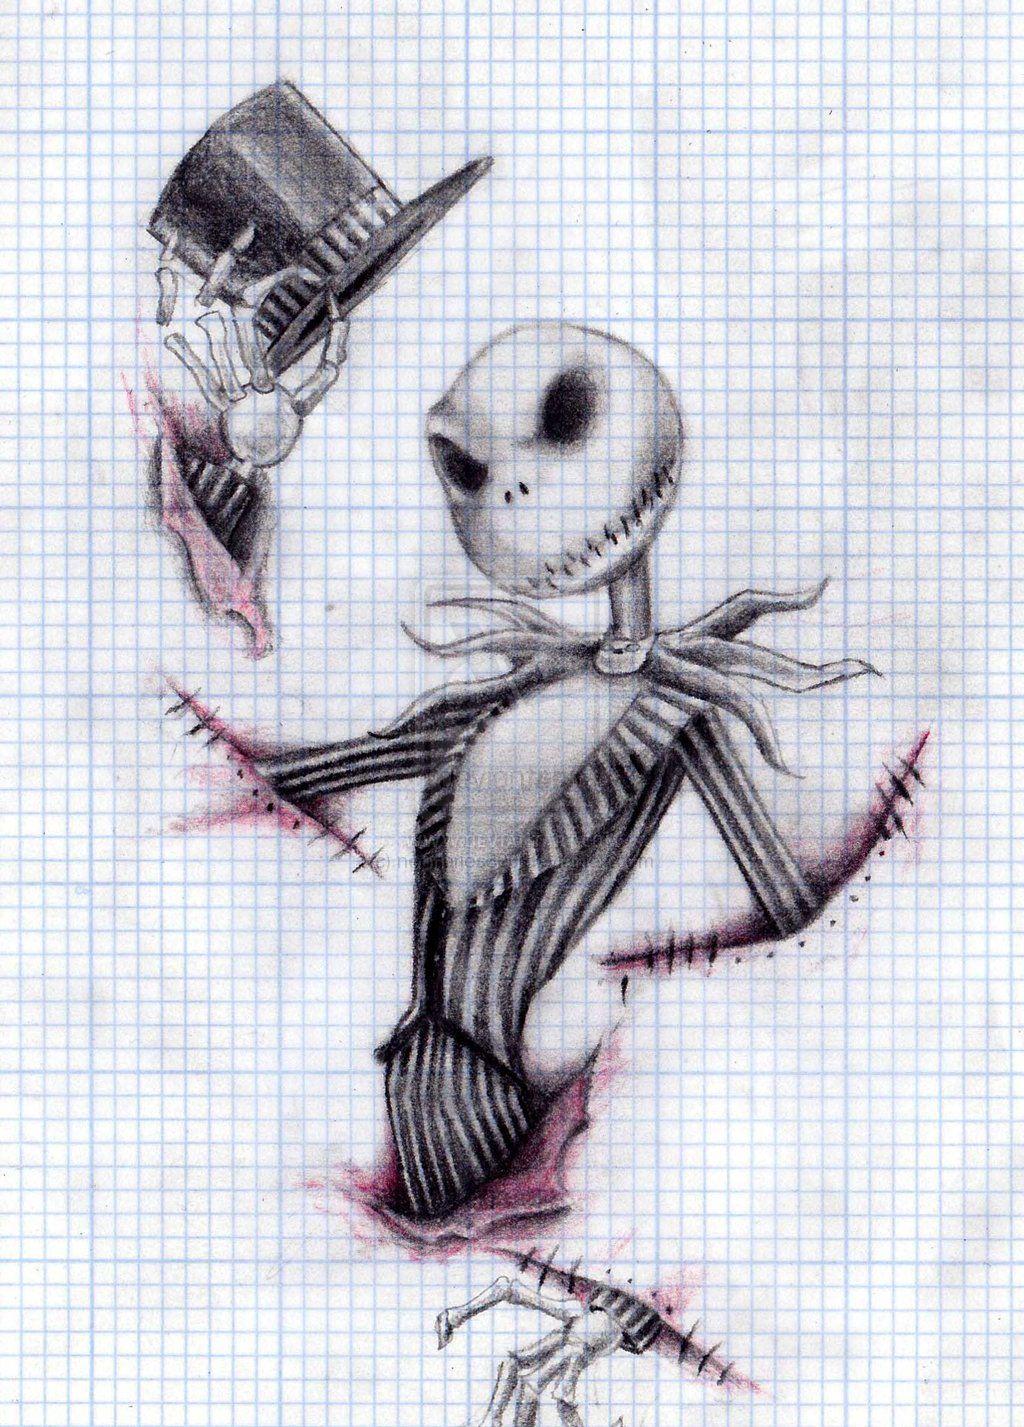 jack skellington drawings - 736×1030